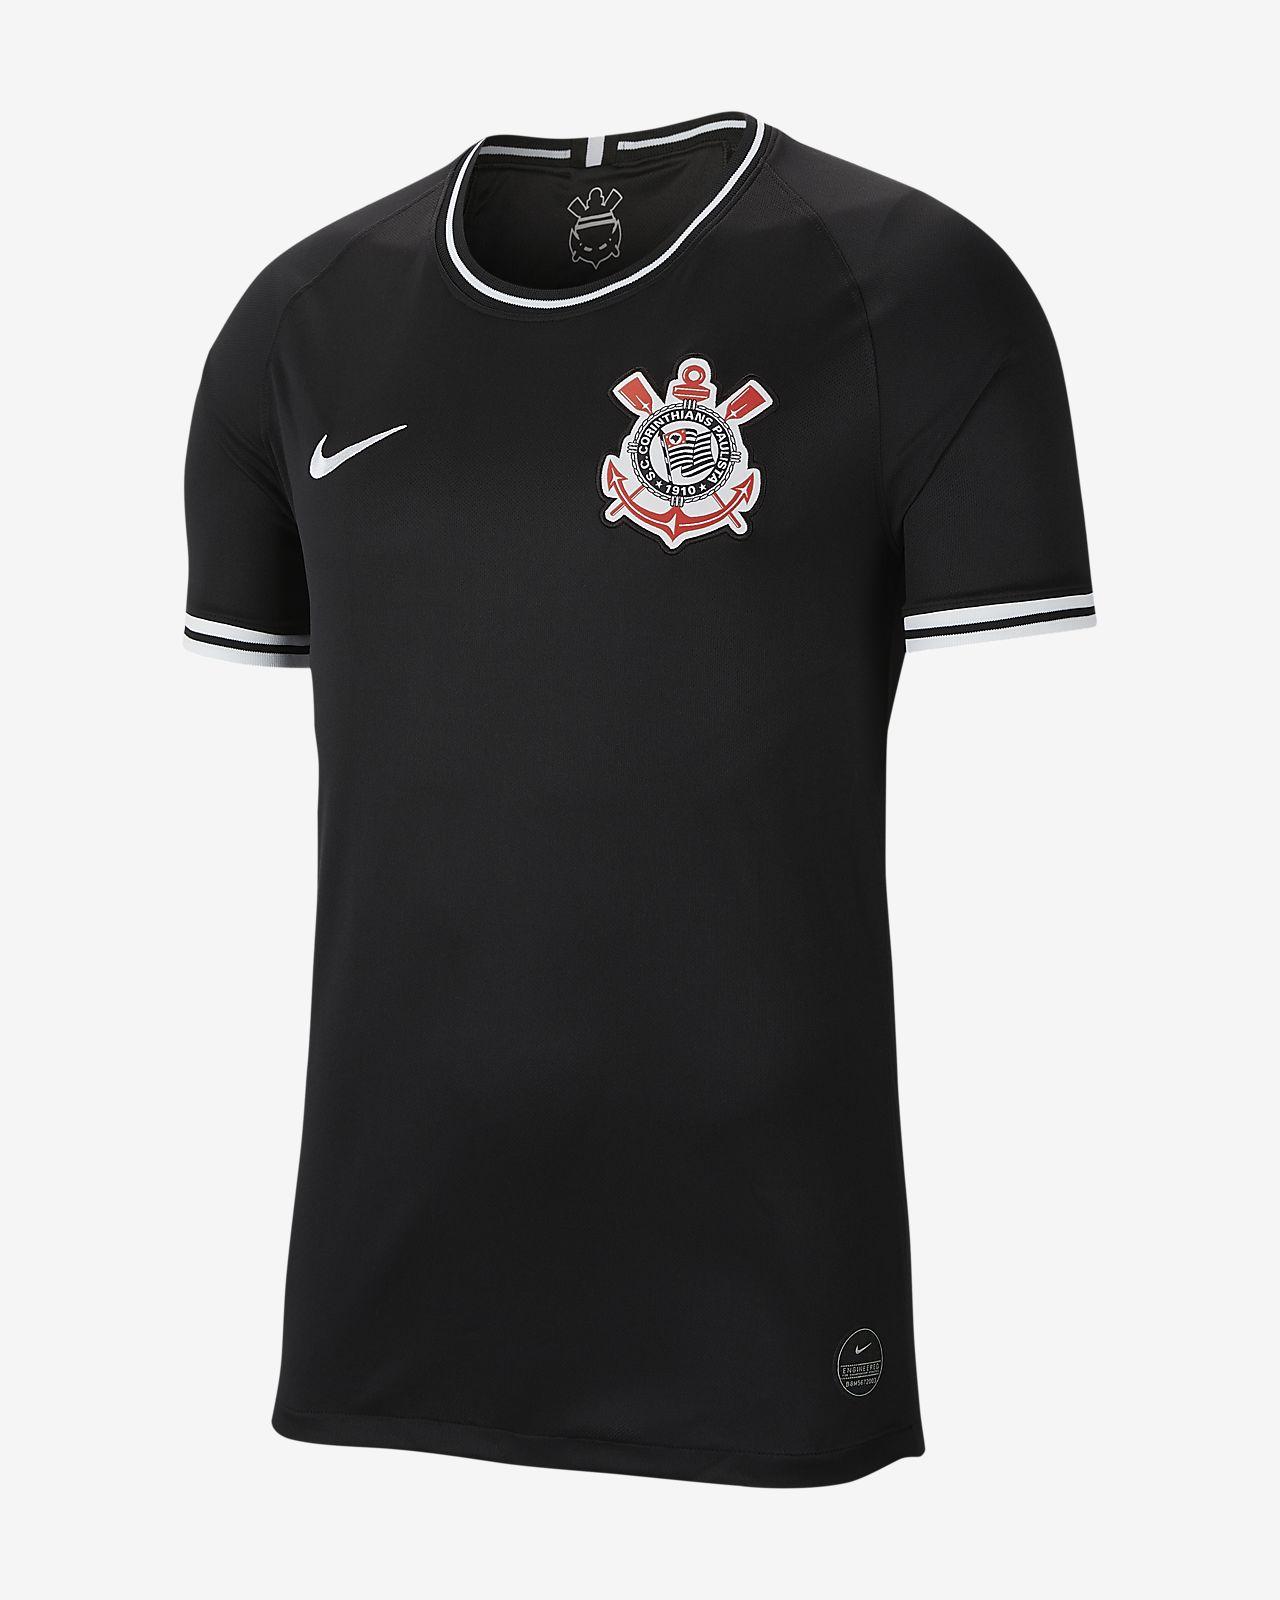 S.C. Corinthians 2019/20 Stadium Away Voetbalshirt voor heren